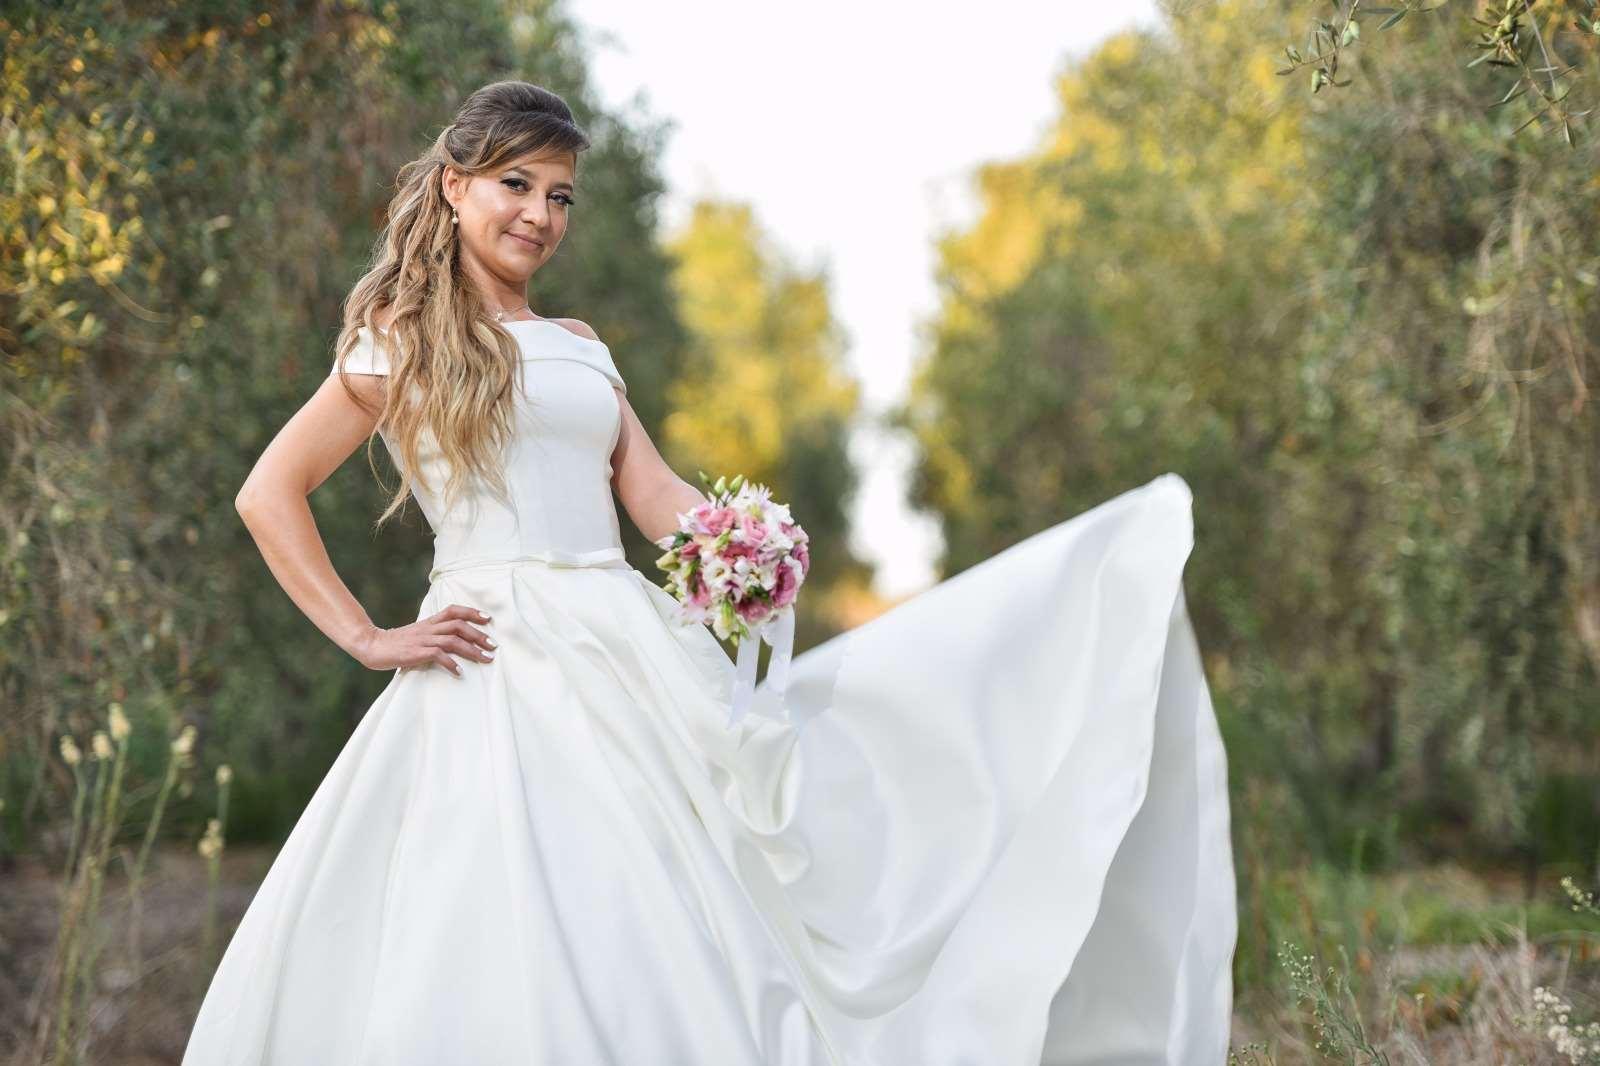 תמונה 3 ,שמלת כלה מושלמת למכירה בחולון יד-שניה לנשים  שמלת כלה